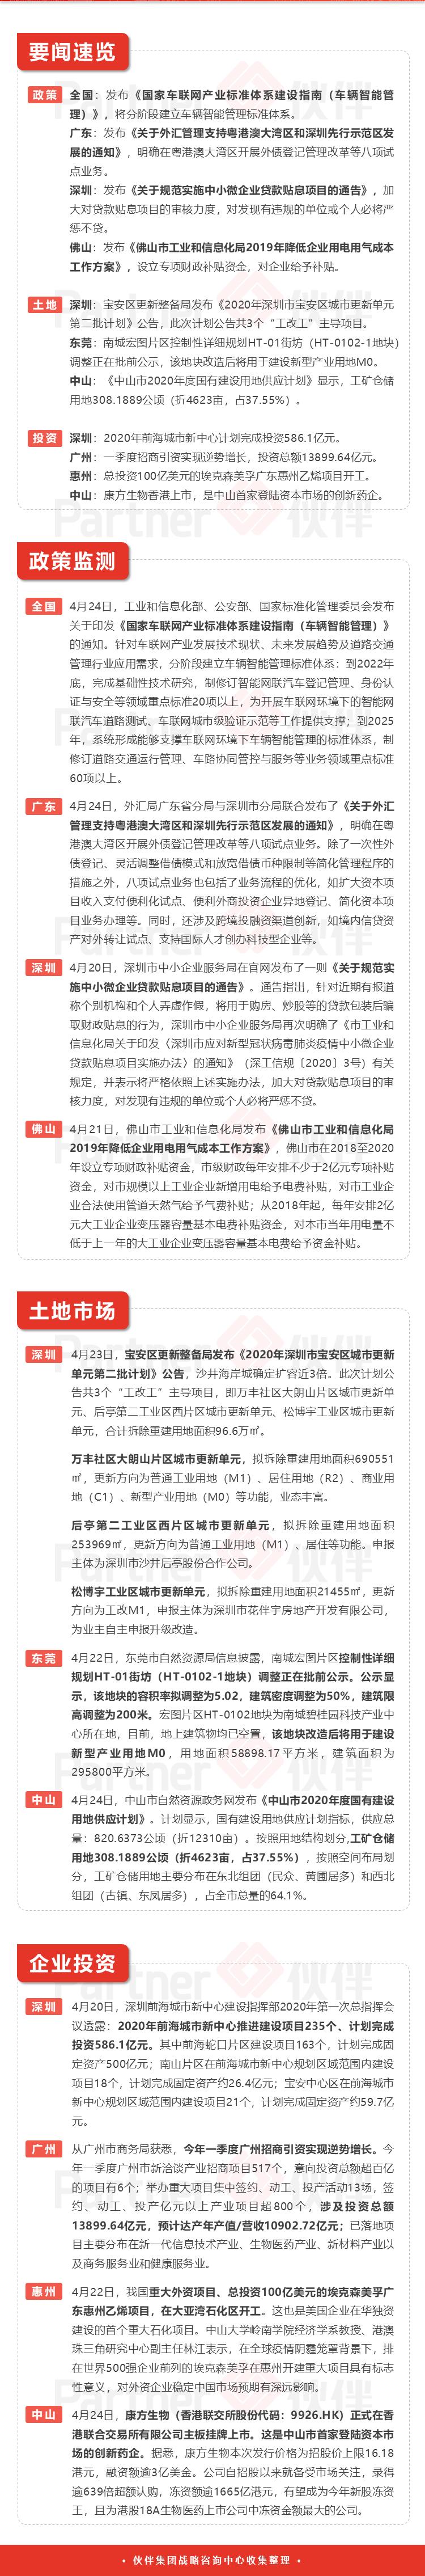 产业地产-粤港澳大湾区(0420-0426)前海城市新中心计划完成投资586.1亿元2.png